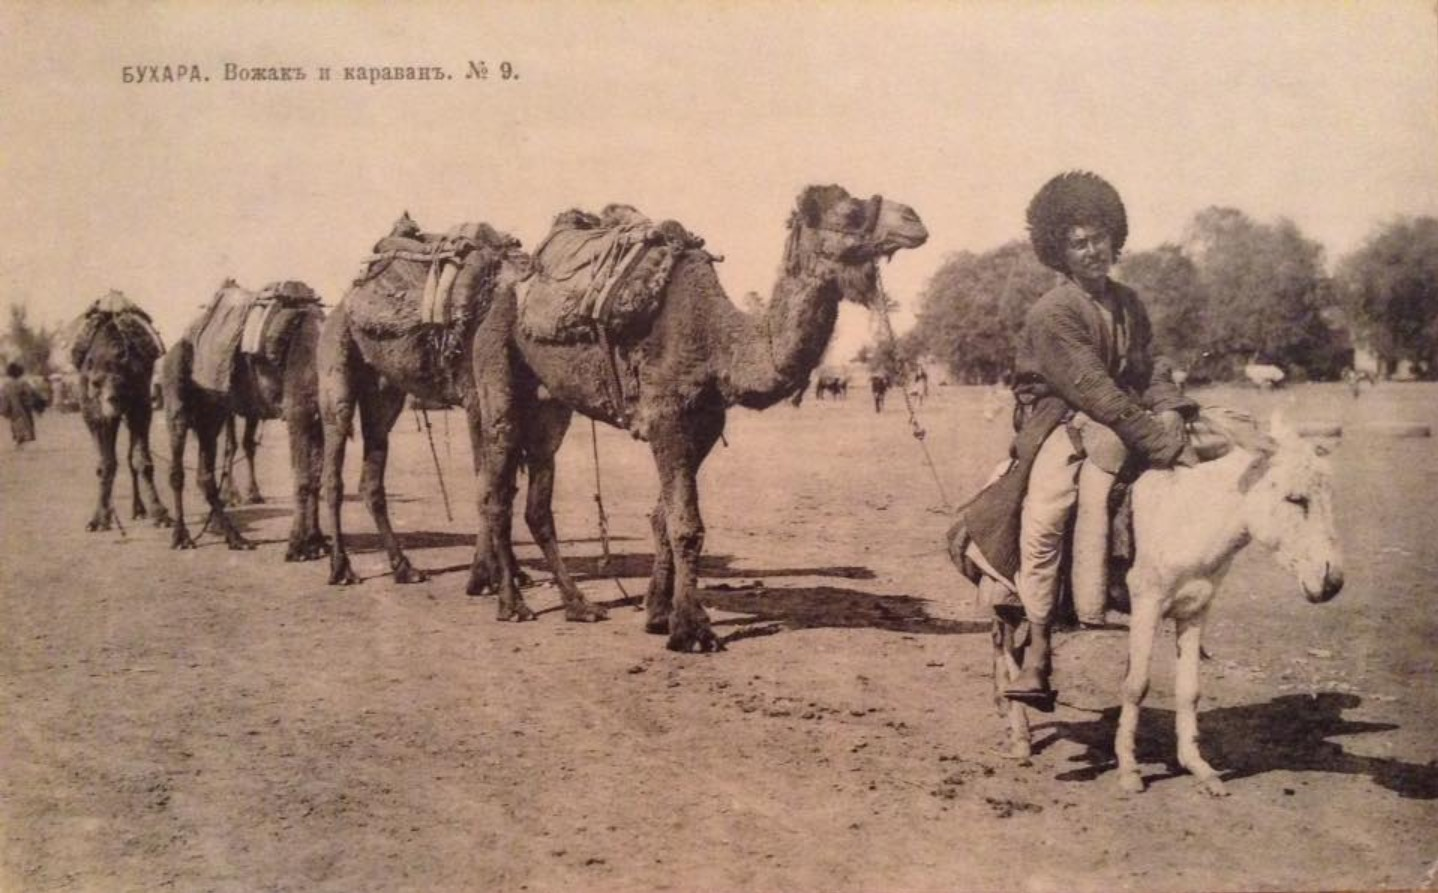 Вожак и караван